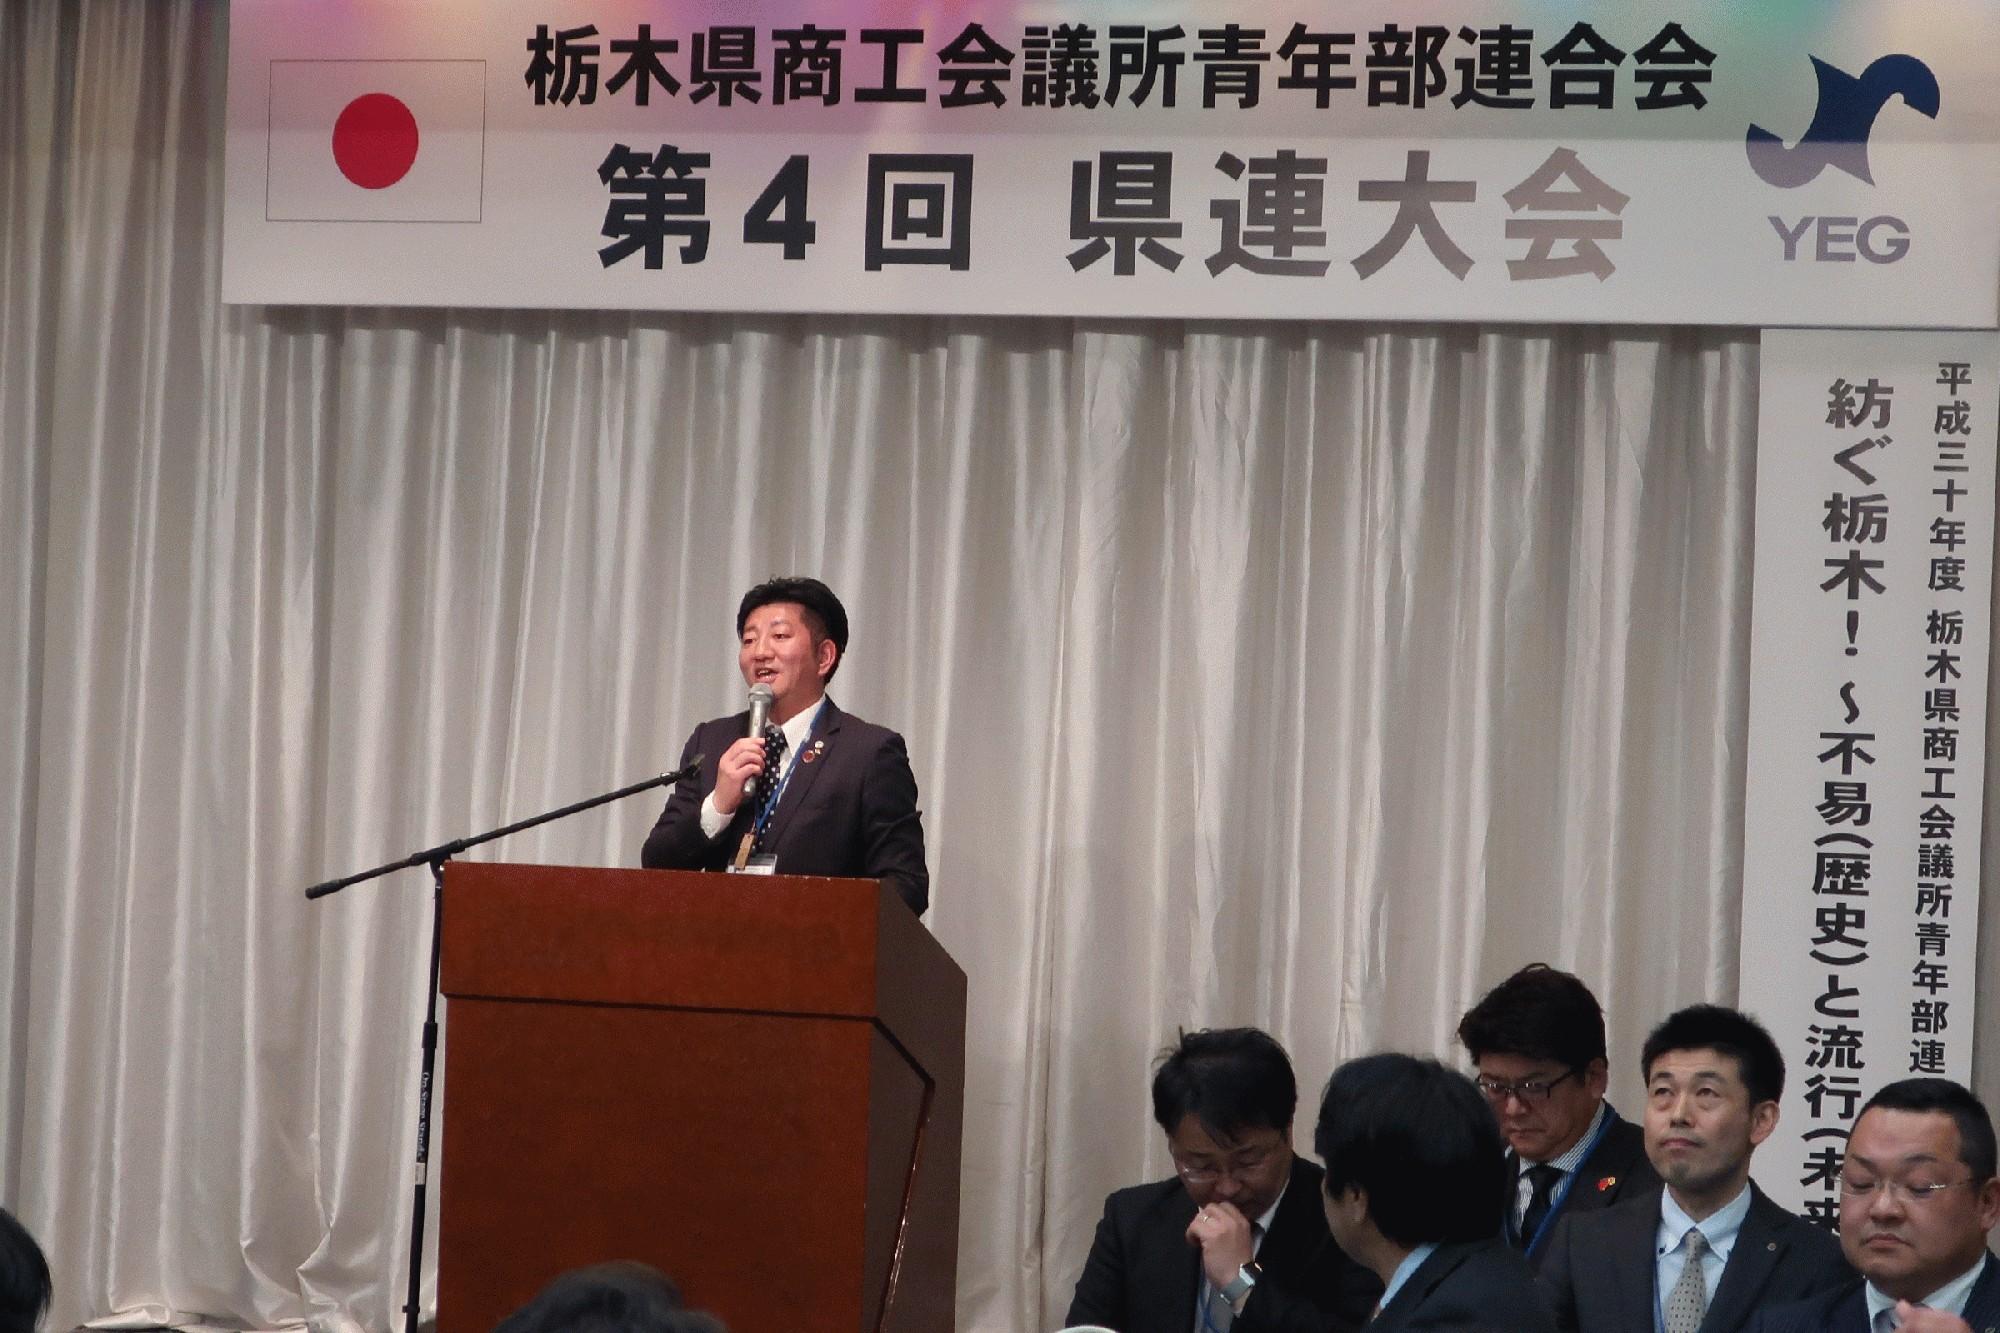 栃木県商工会議所青年部連合会 第4回県連大会に参加しました